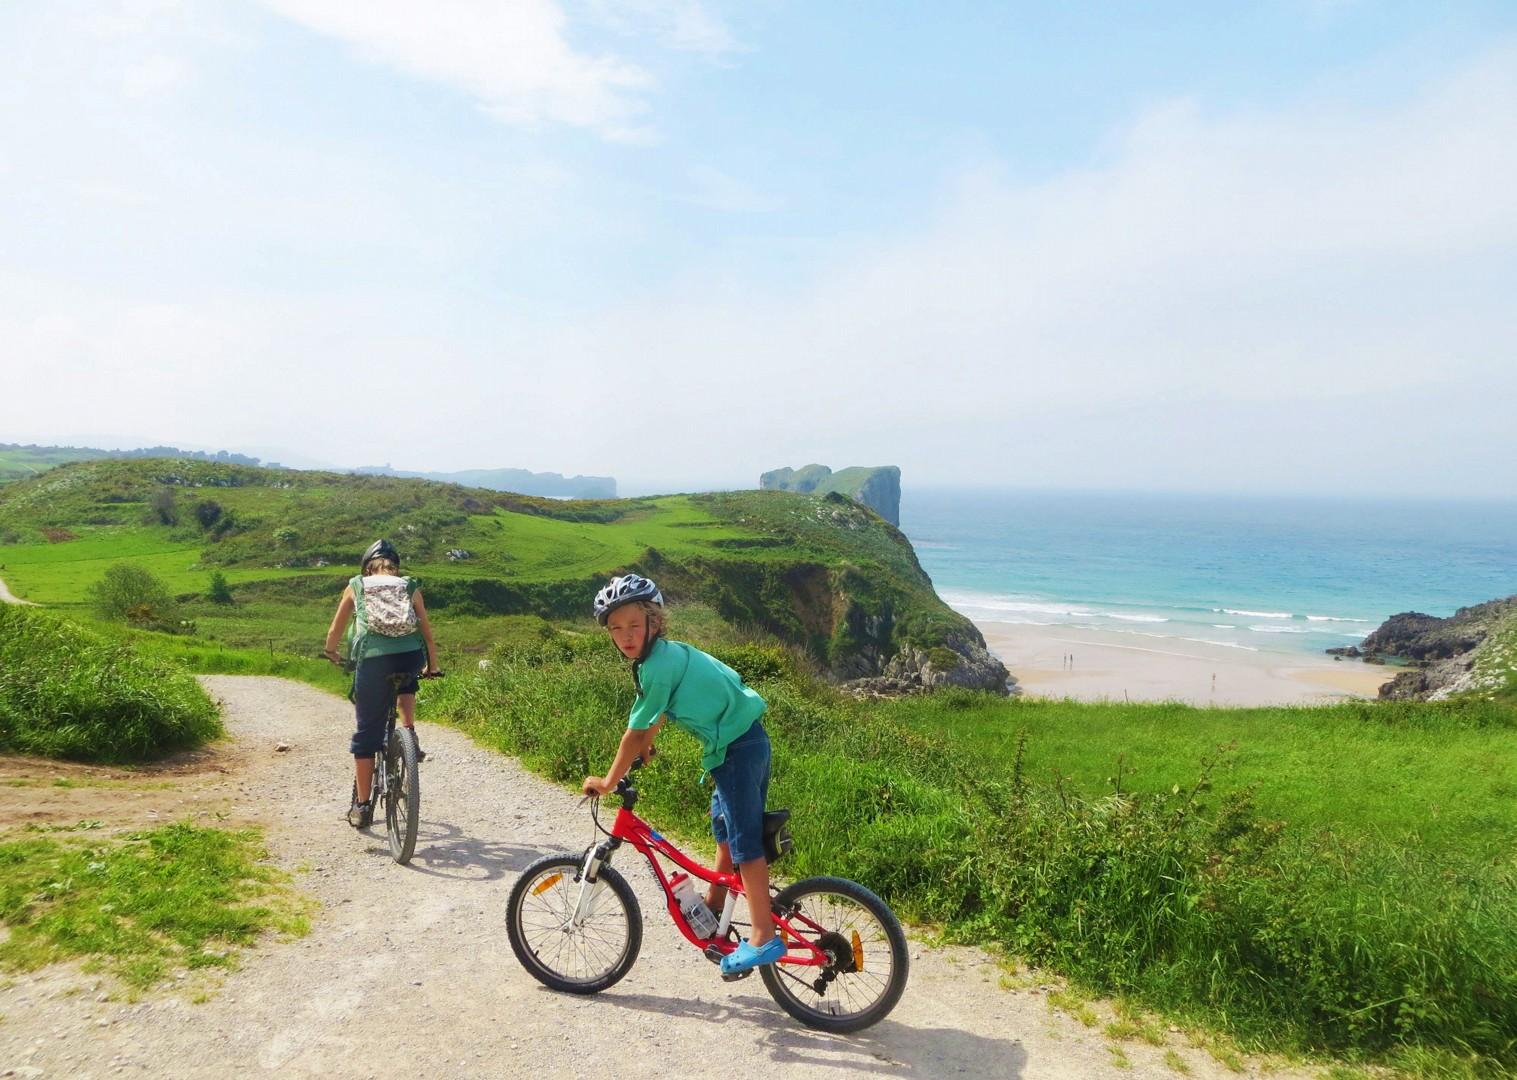 _Holiday.616.17568.jpg - Spain - Asturian Coastal Ride - Family Cycling